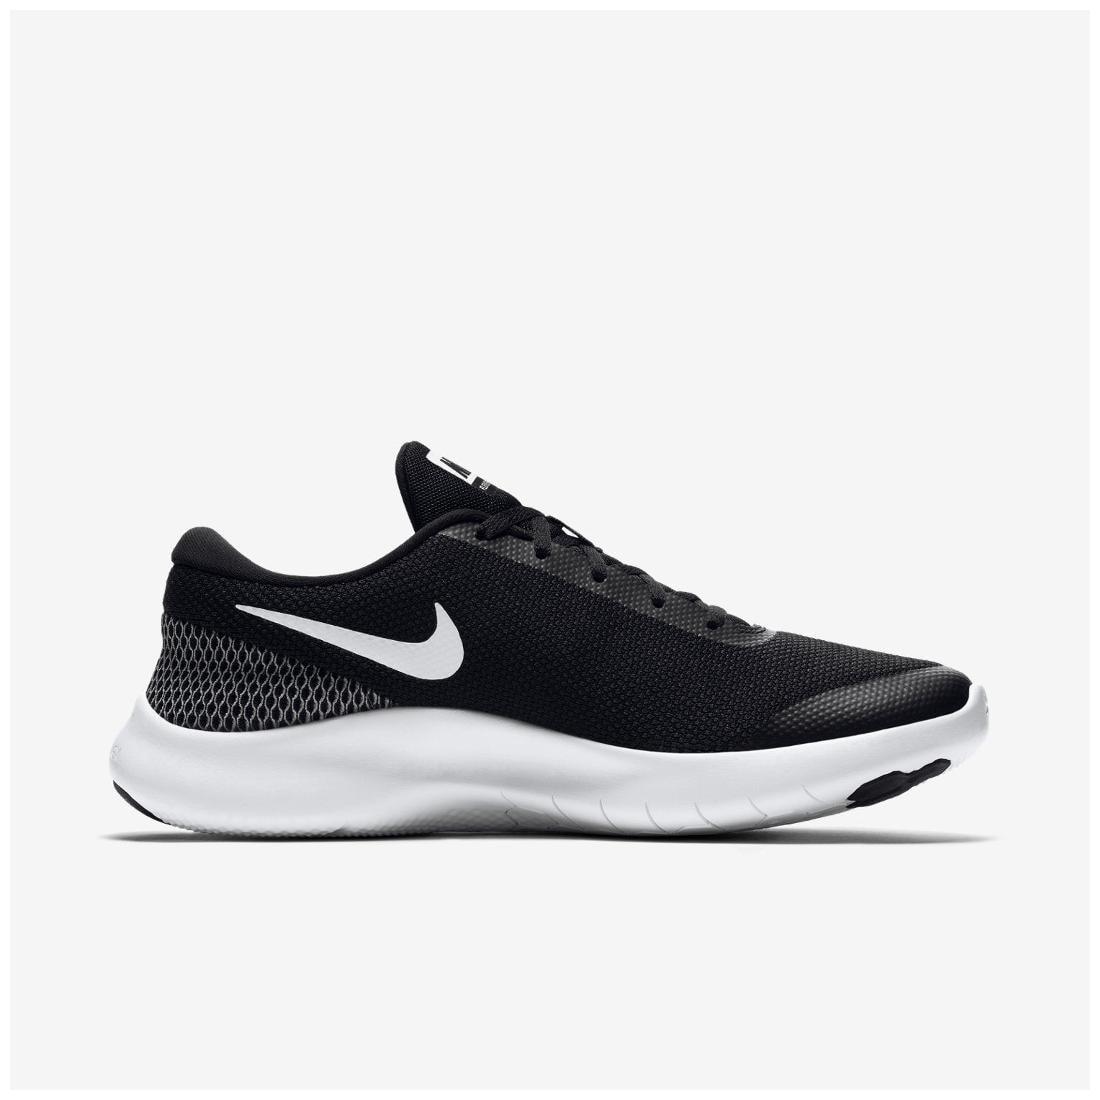 2a24ff4807 Nike Men Black Running Shoes for Men - Buy Nike Men s Sport Shoes at 25%  off.